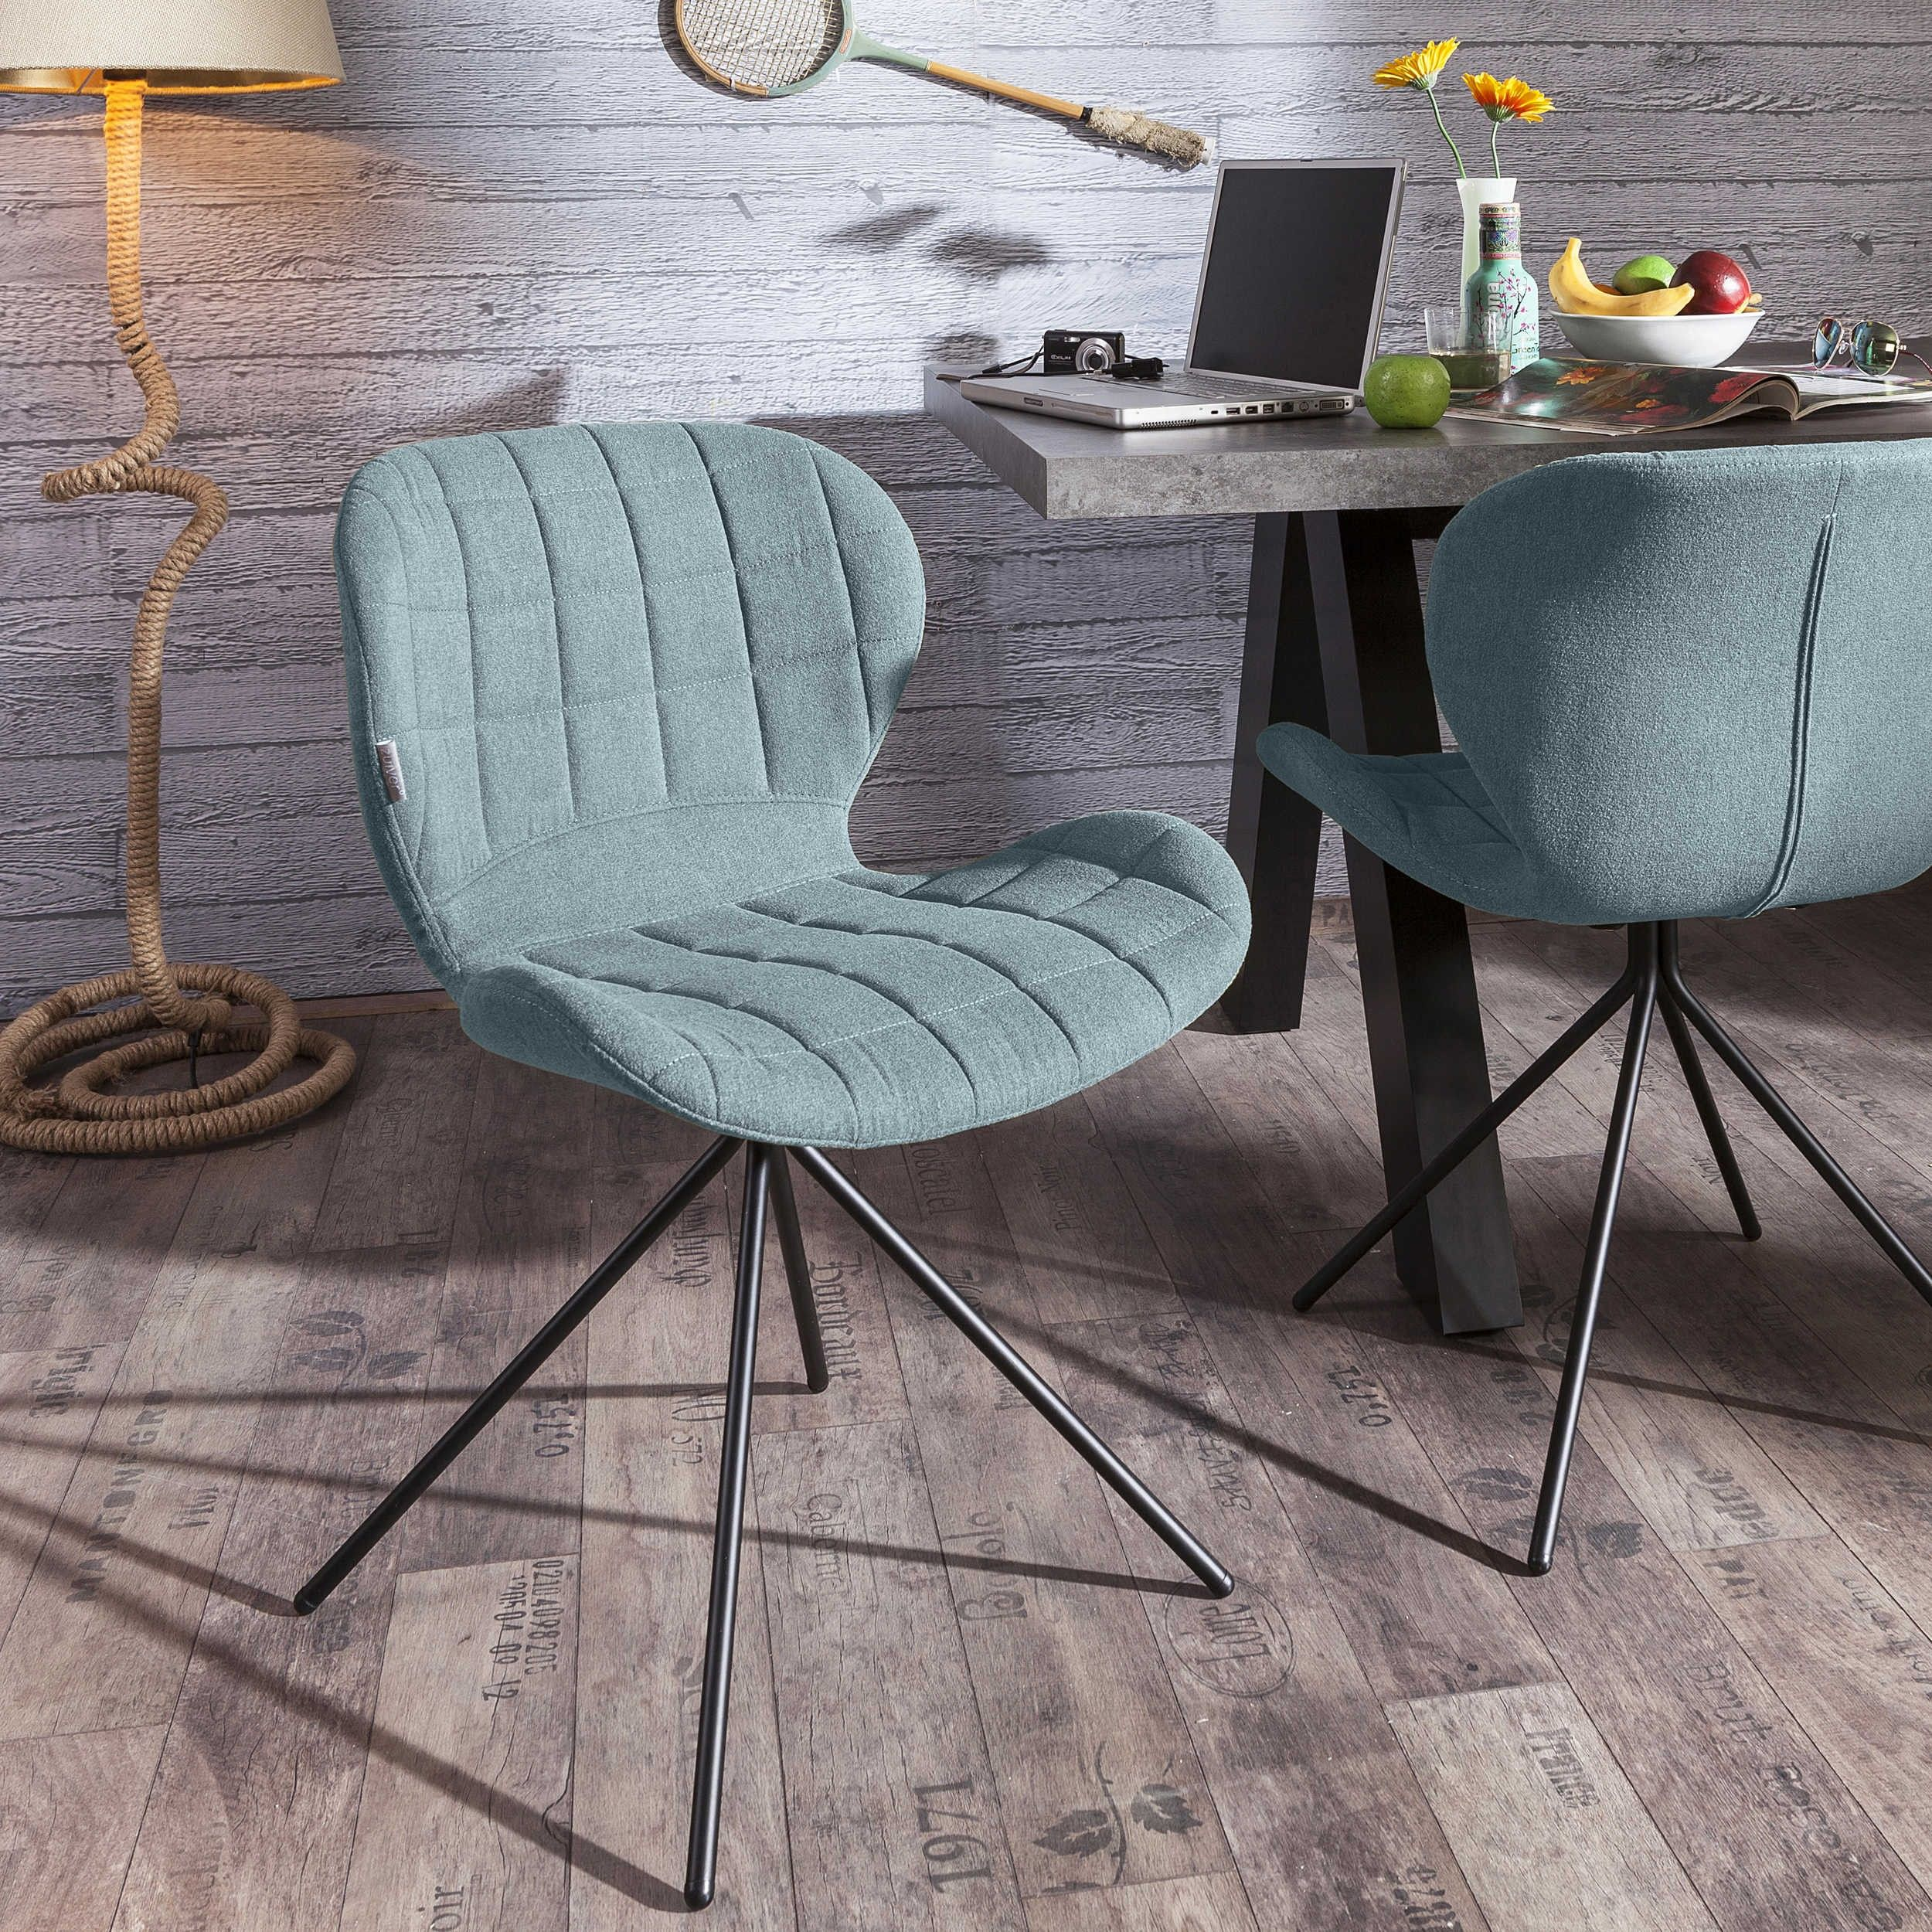 Zuiver Stuhl Omg Blau 4 Fuß Stühle Stühle Freischwinger